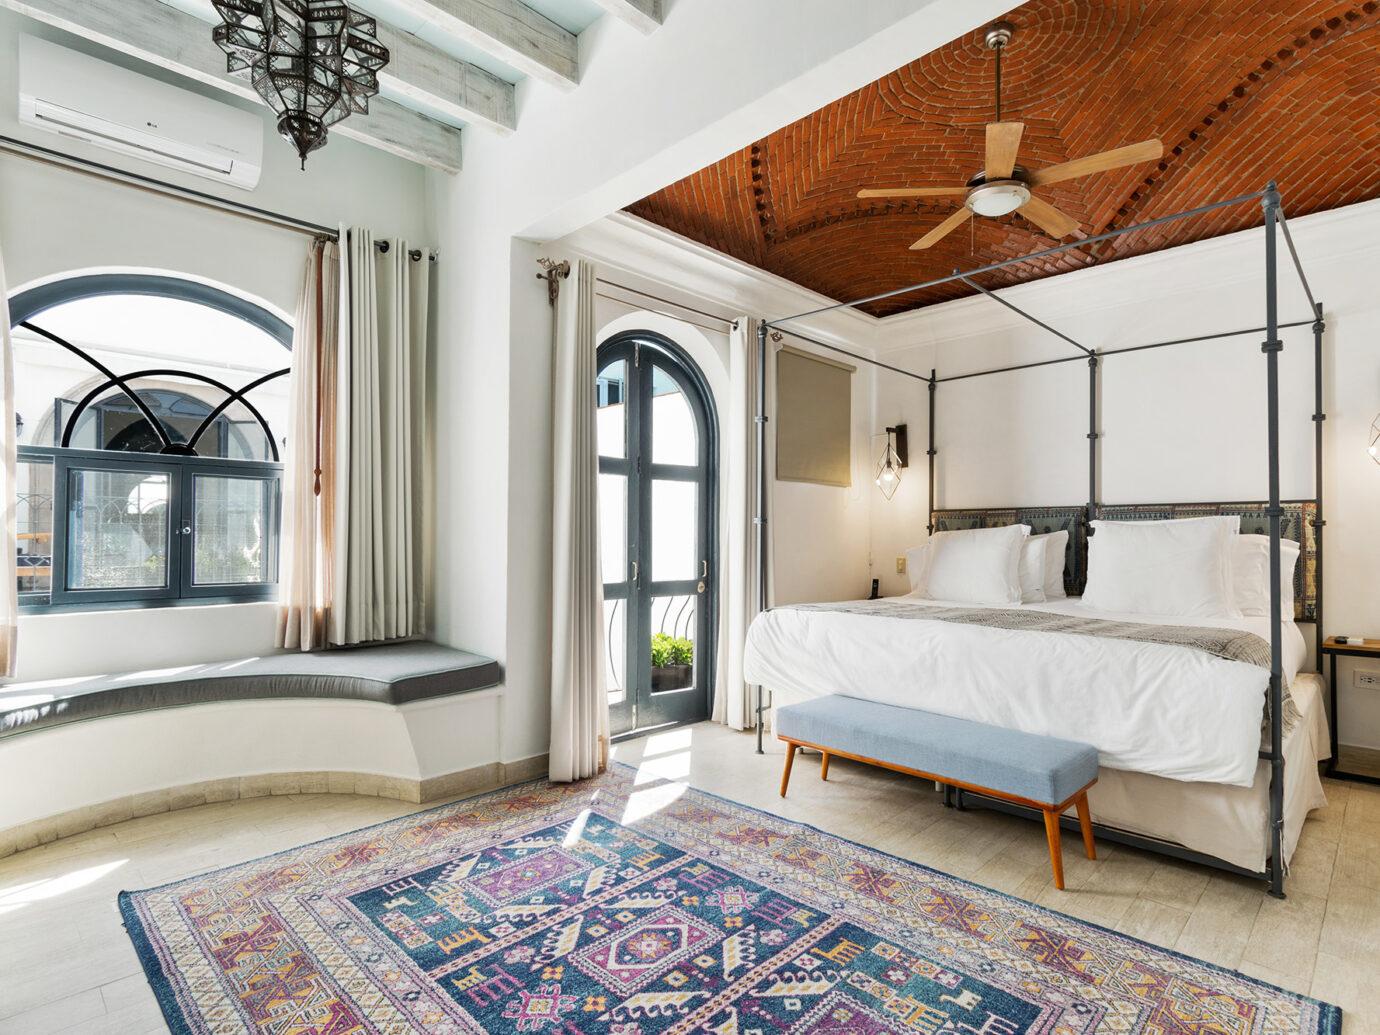 Bedroom at Casa Delphine, San Miguel de Allende